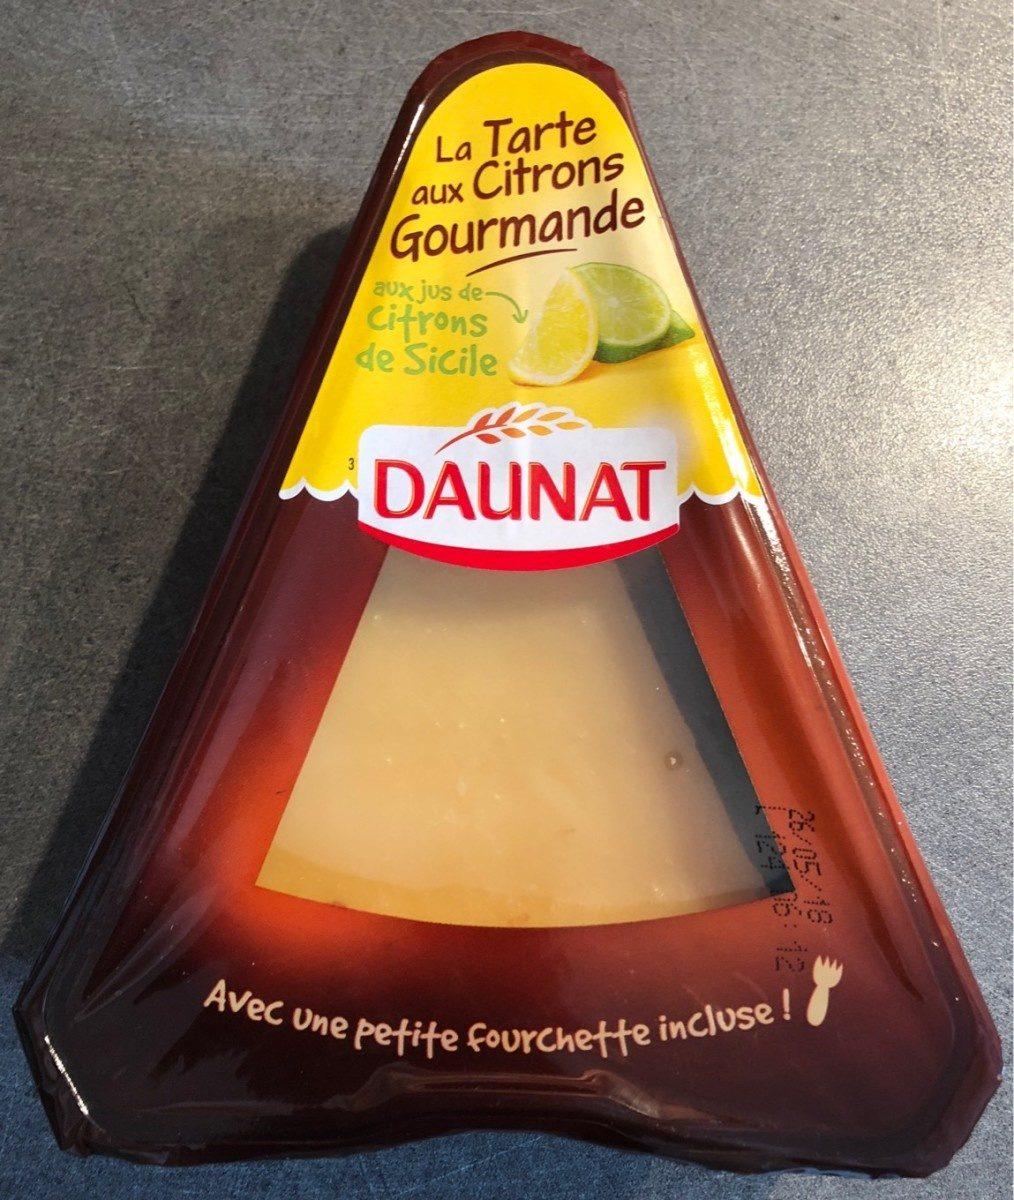 La Tarte aux Citrons Gourmande (aux jus de Citrons de Sicile) - Product